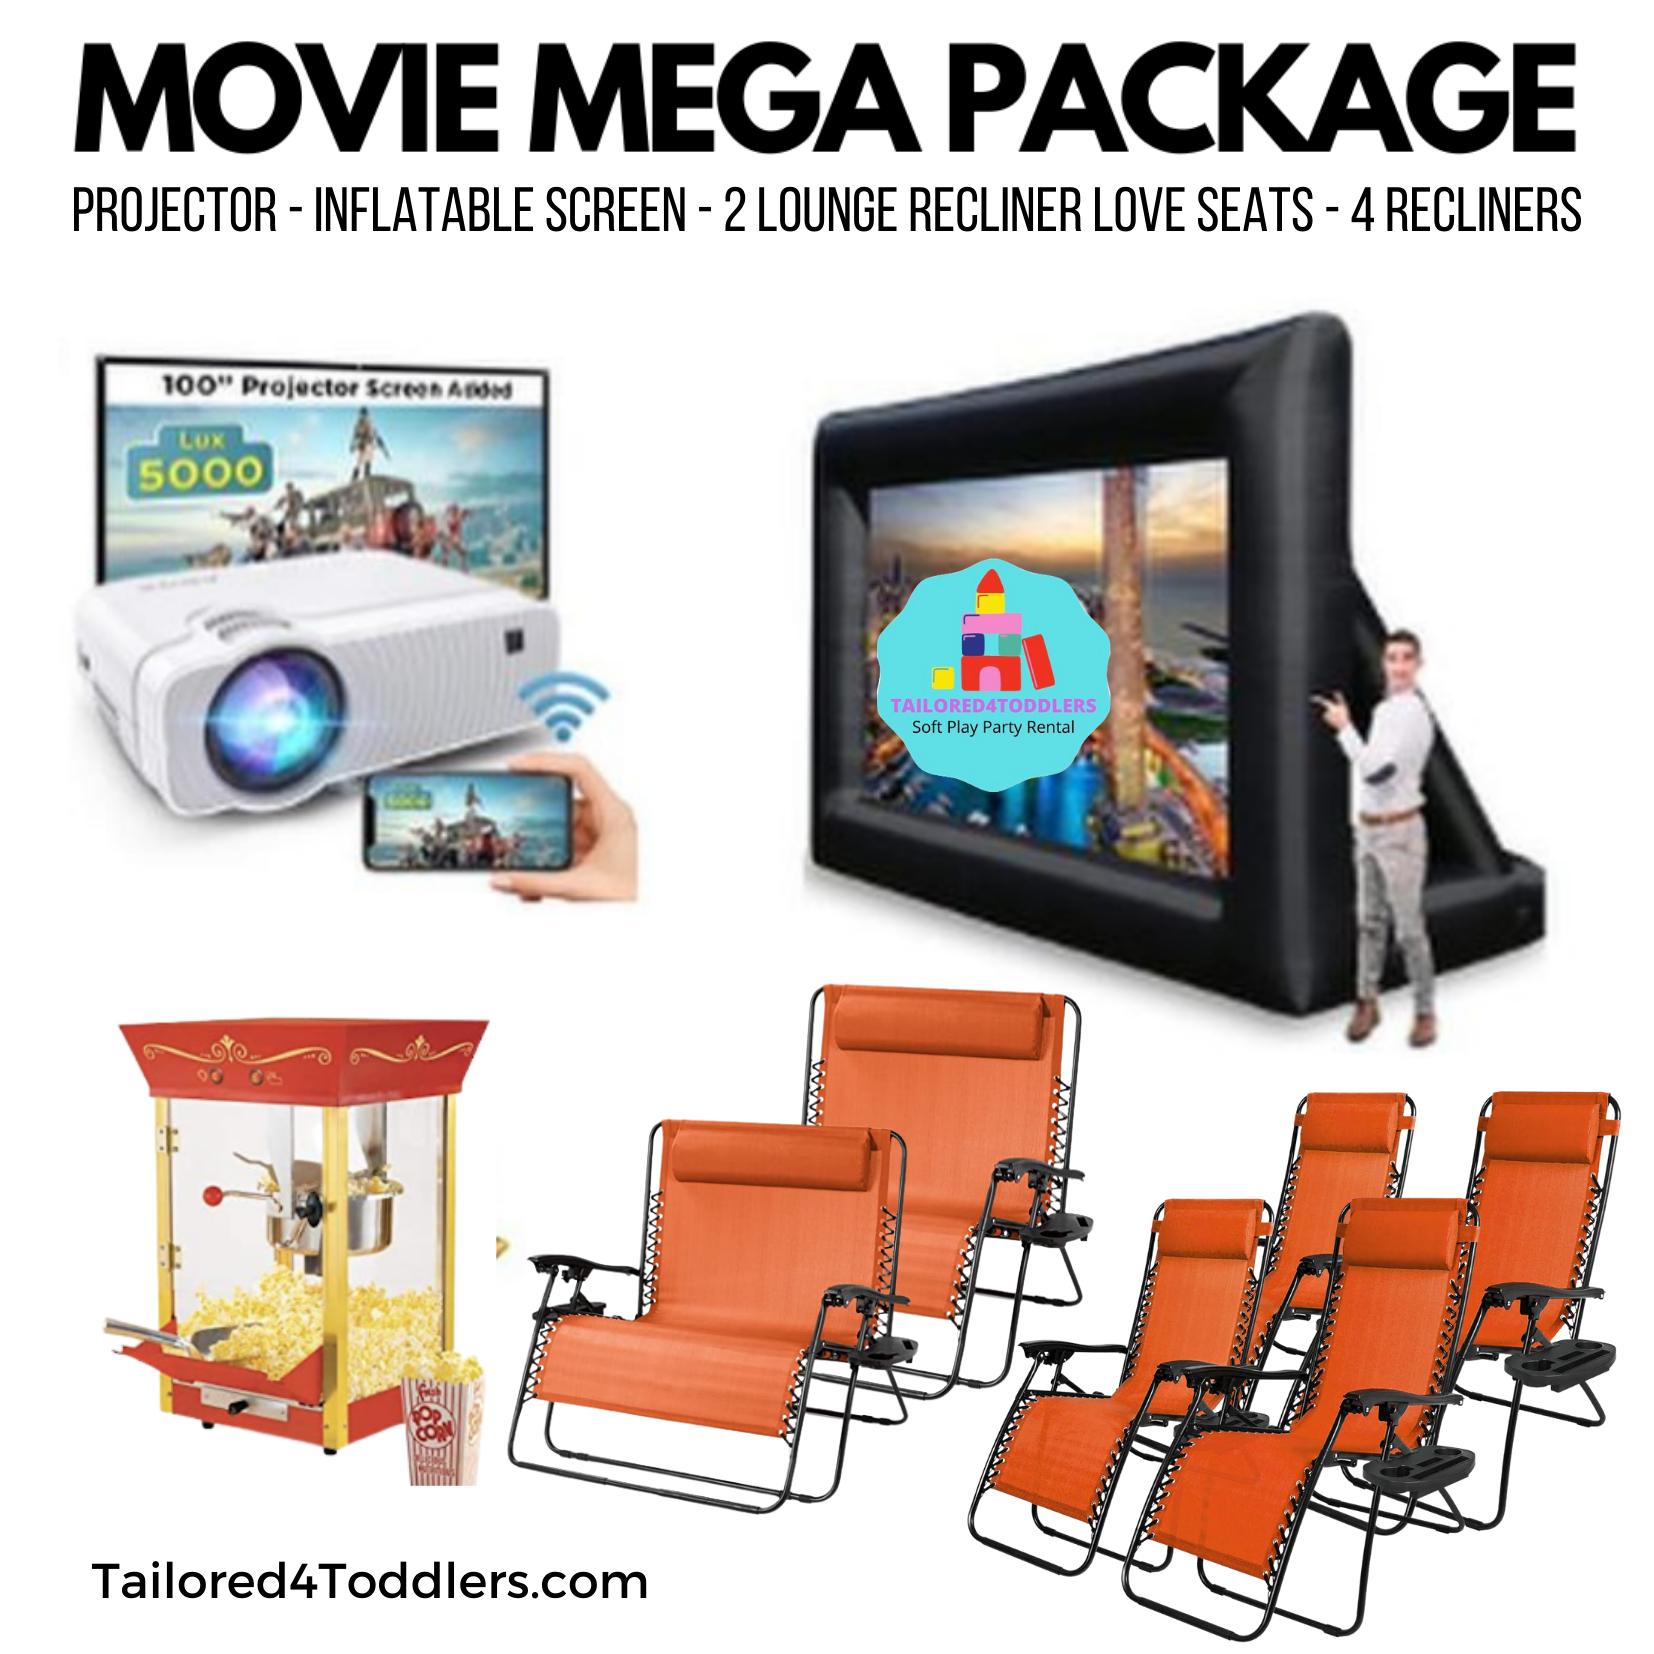 Movie Mega Package